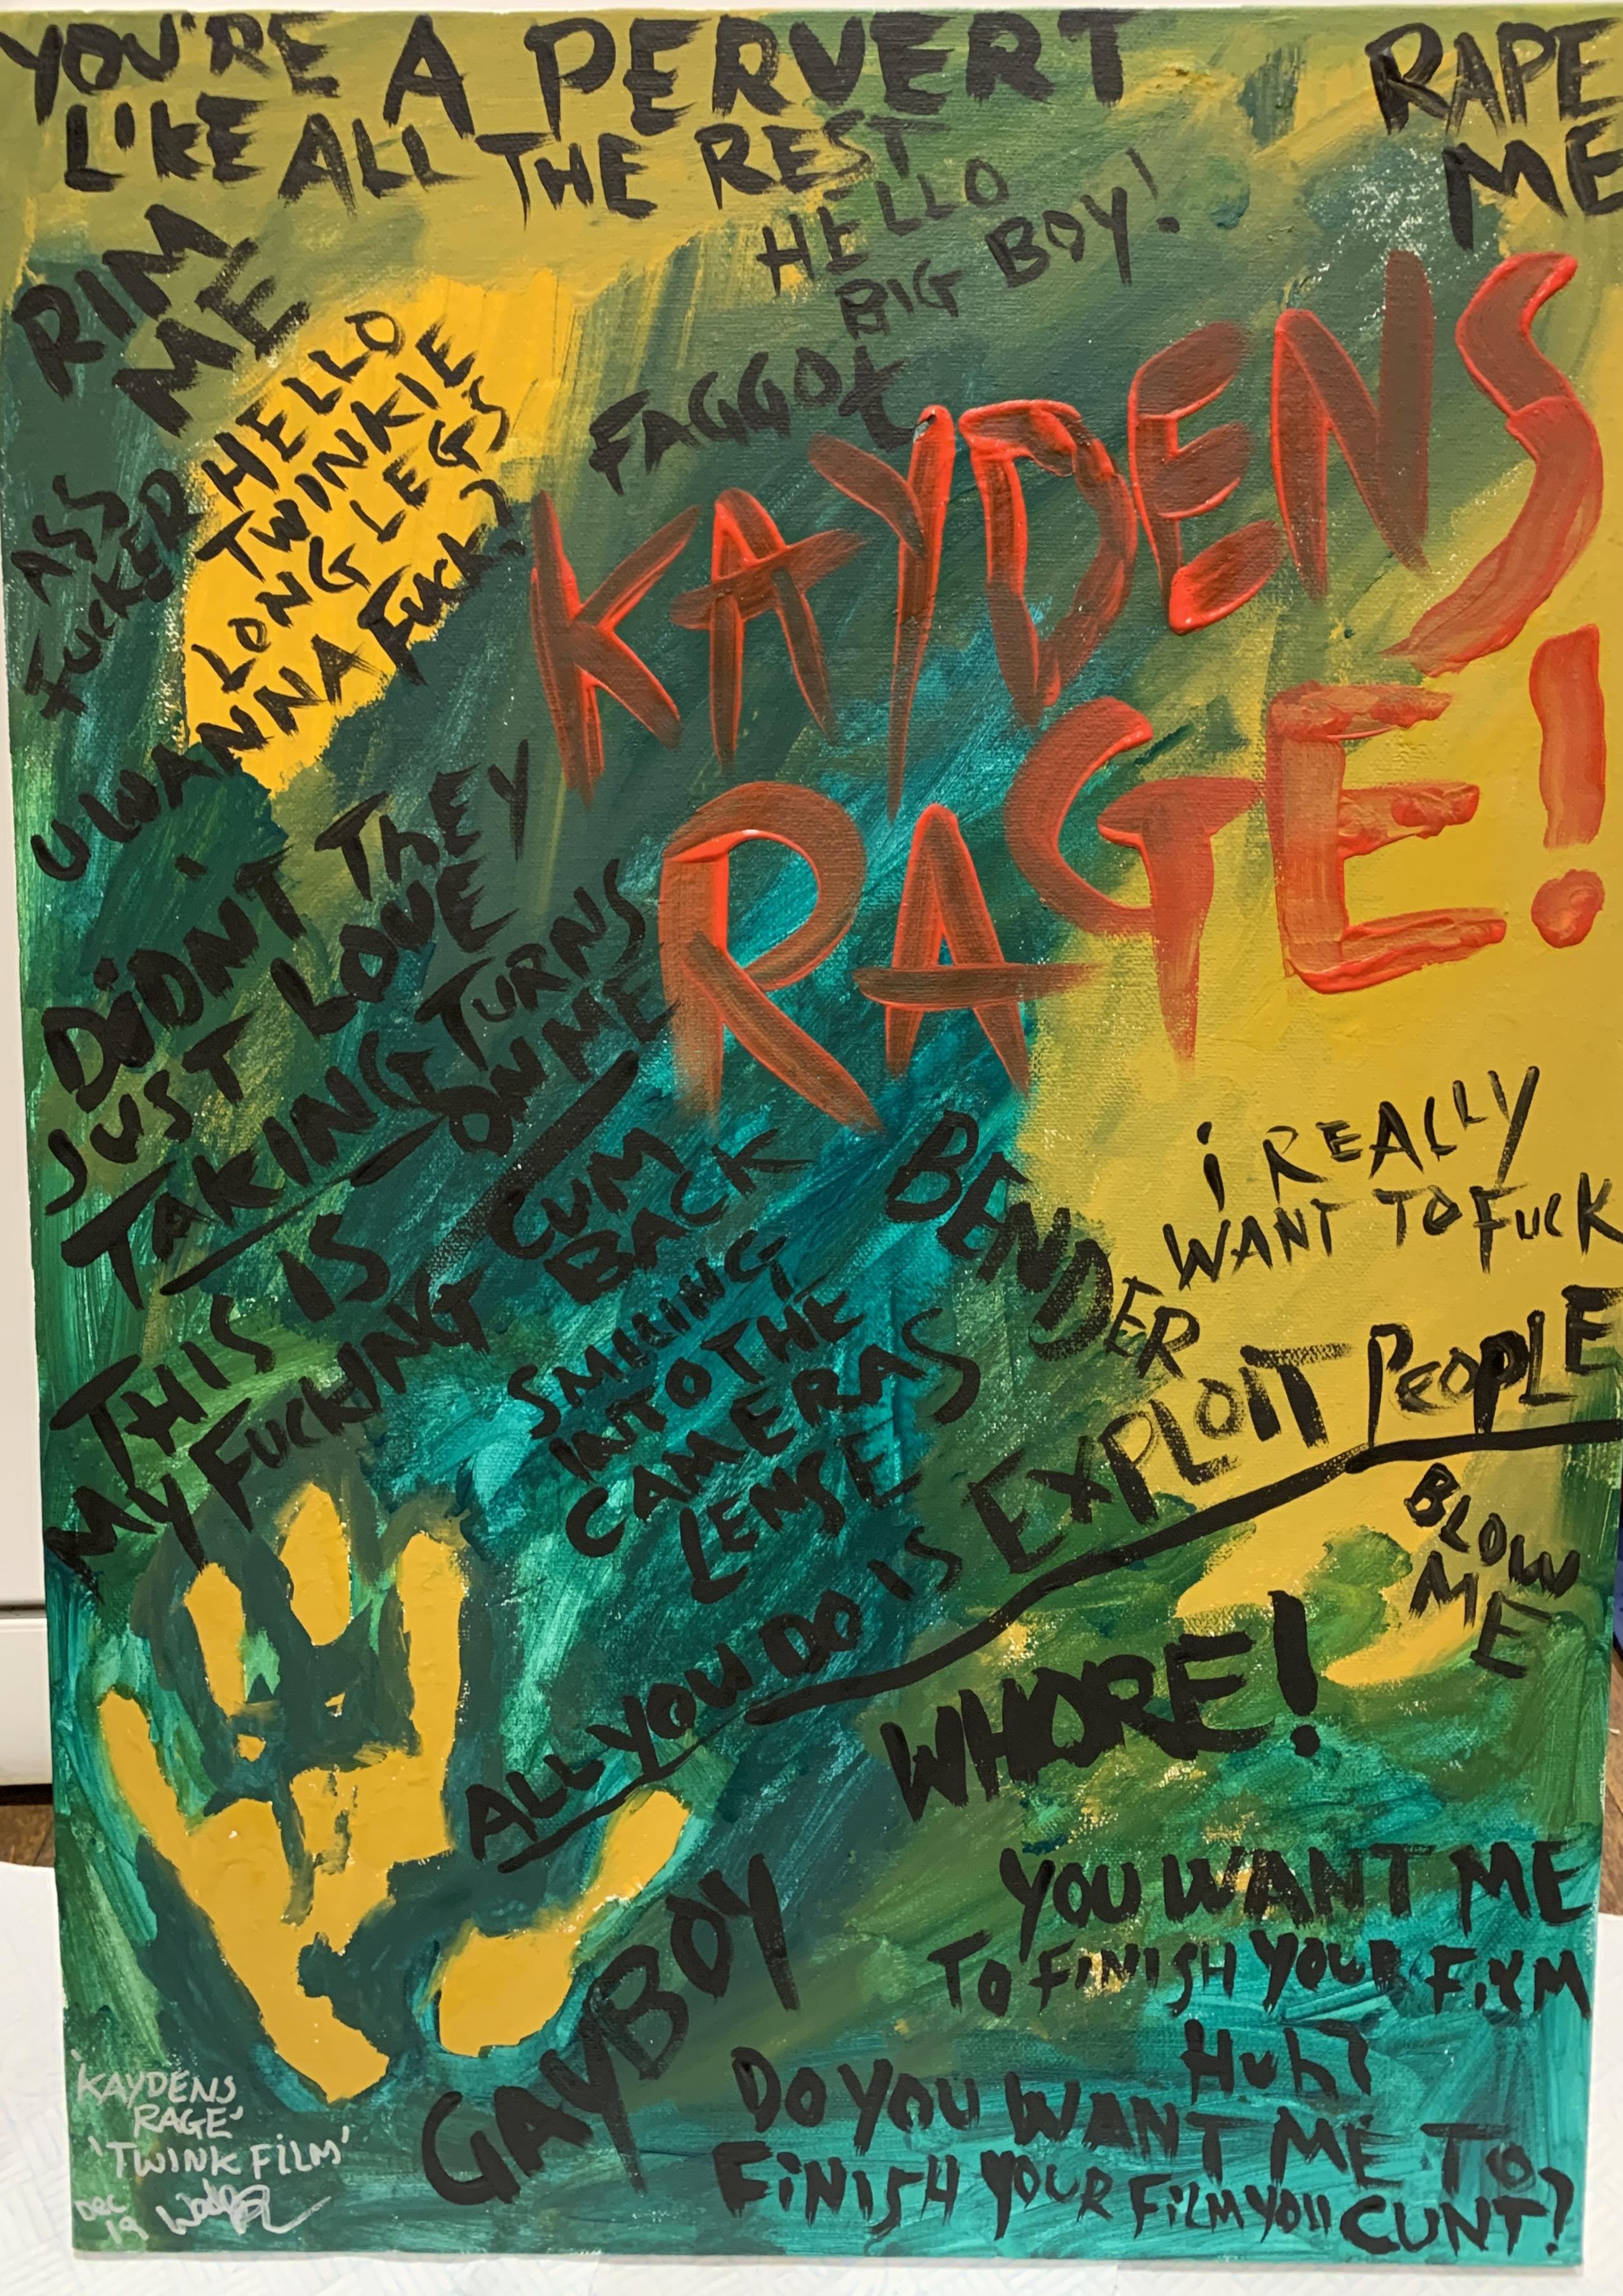 'Kaydens Rage' Twink Film